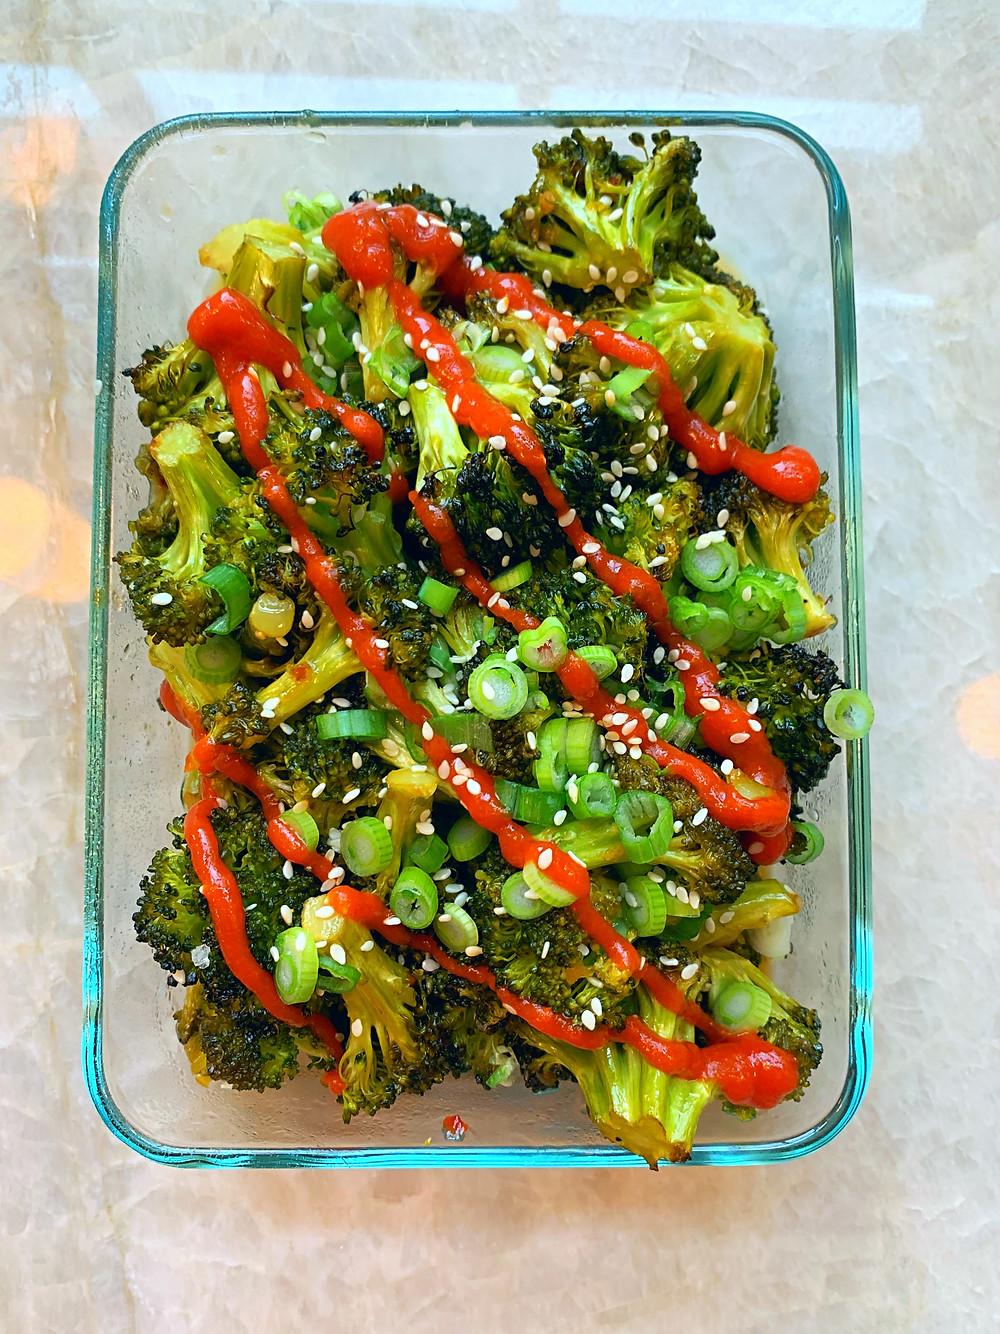 Spicy Sriracha Broccoli Recipe